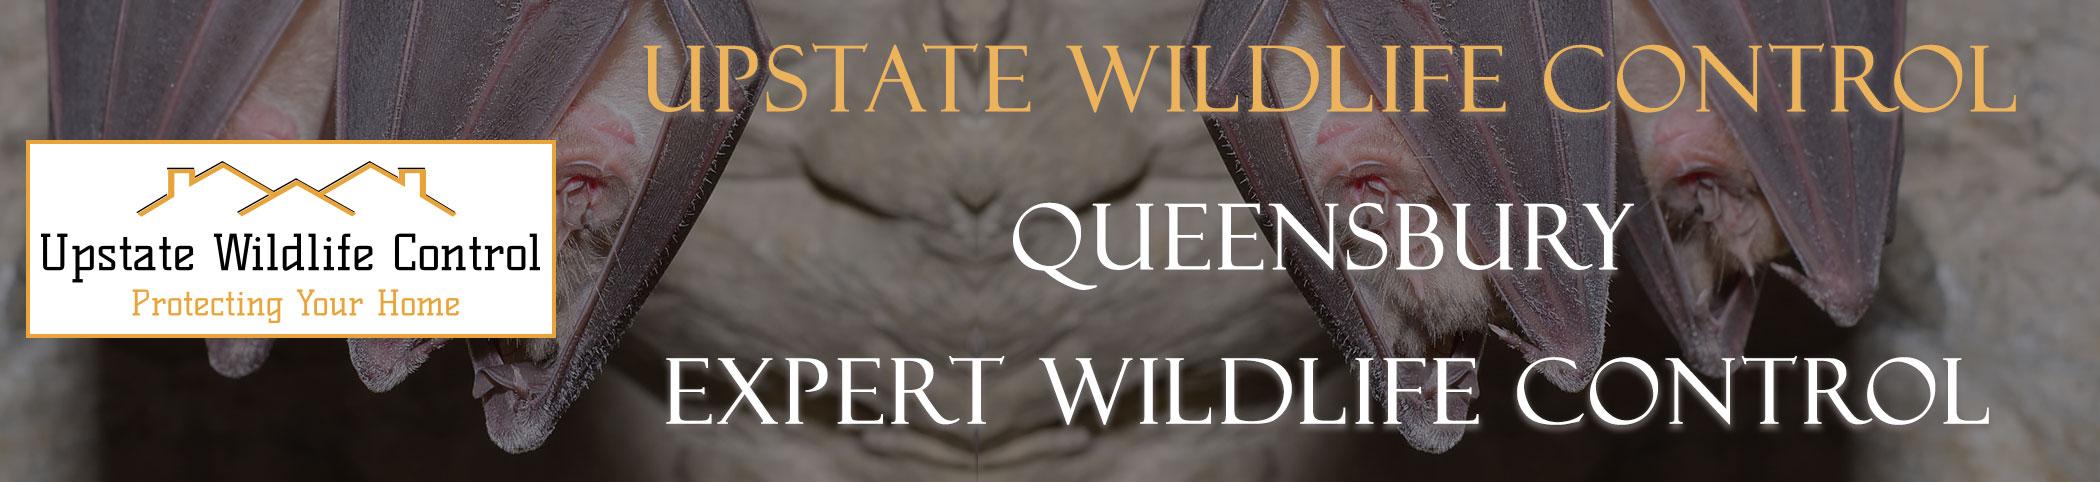 Upstate-Wildlife-Control-Queensbury-header